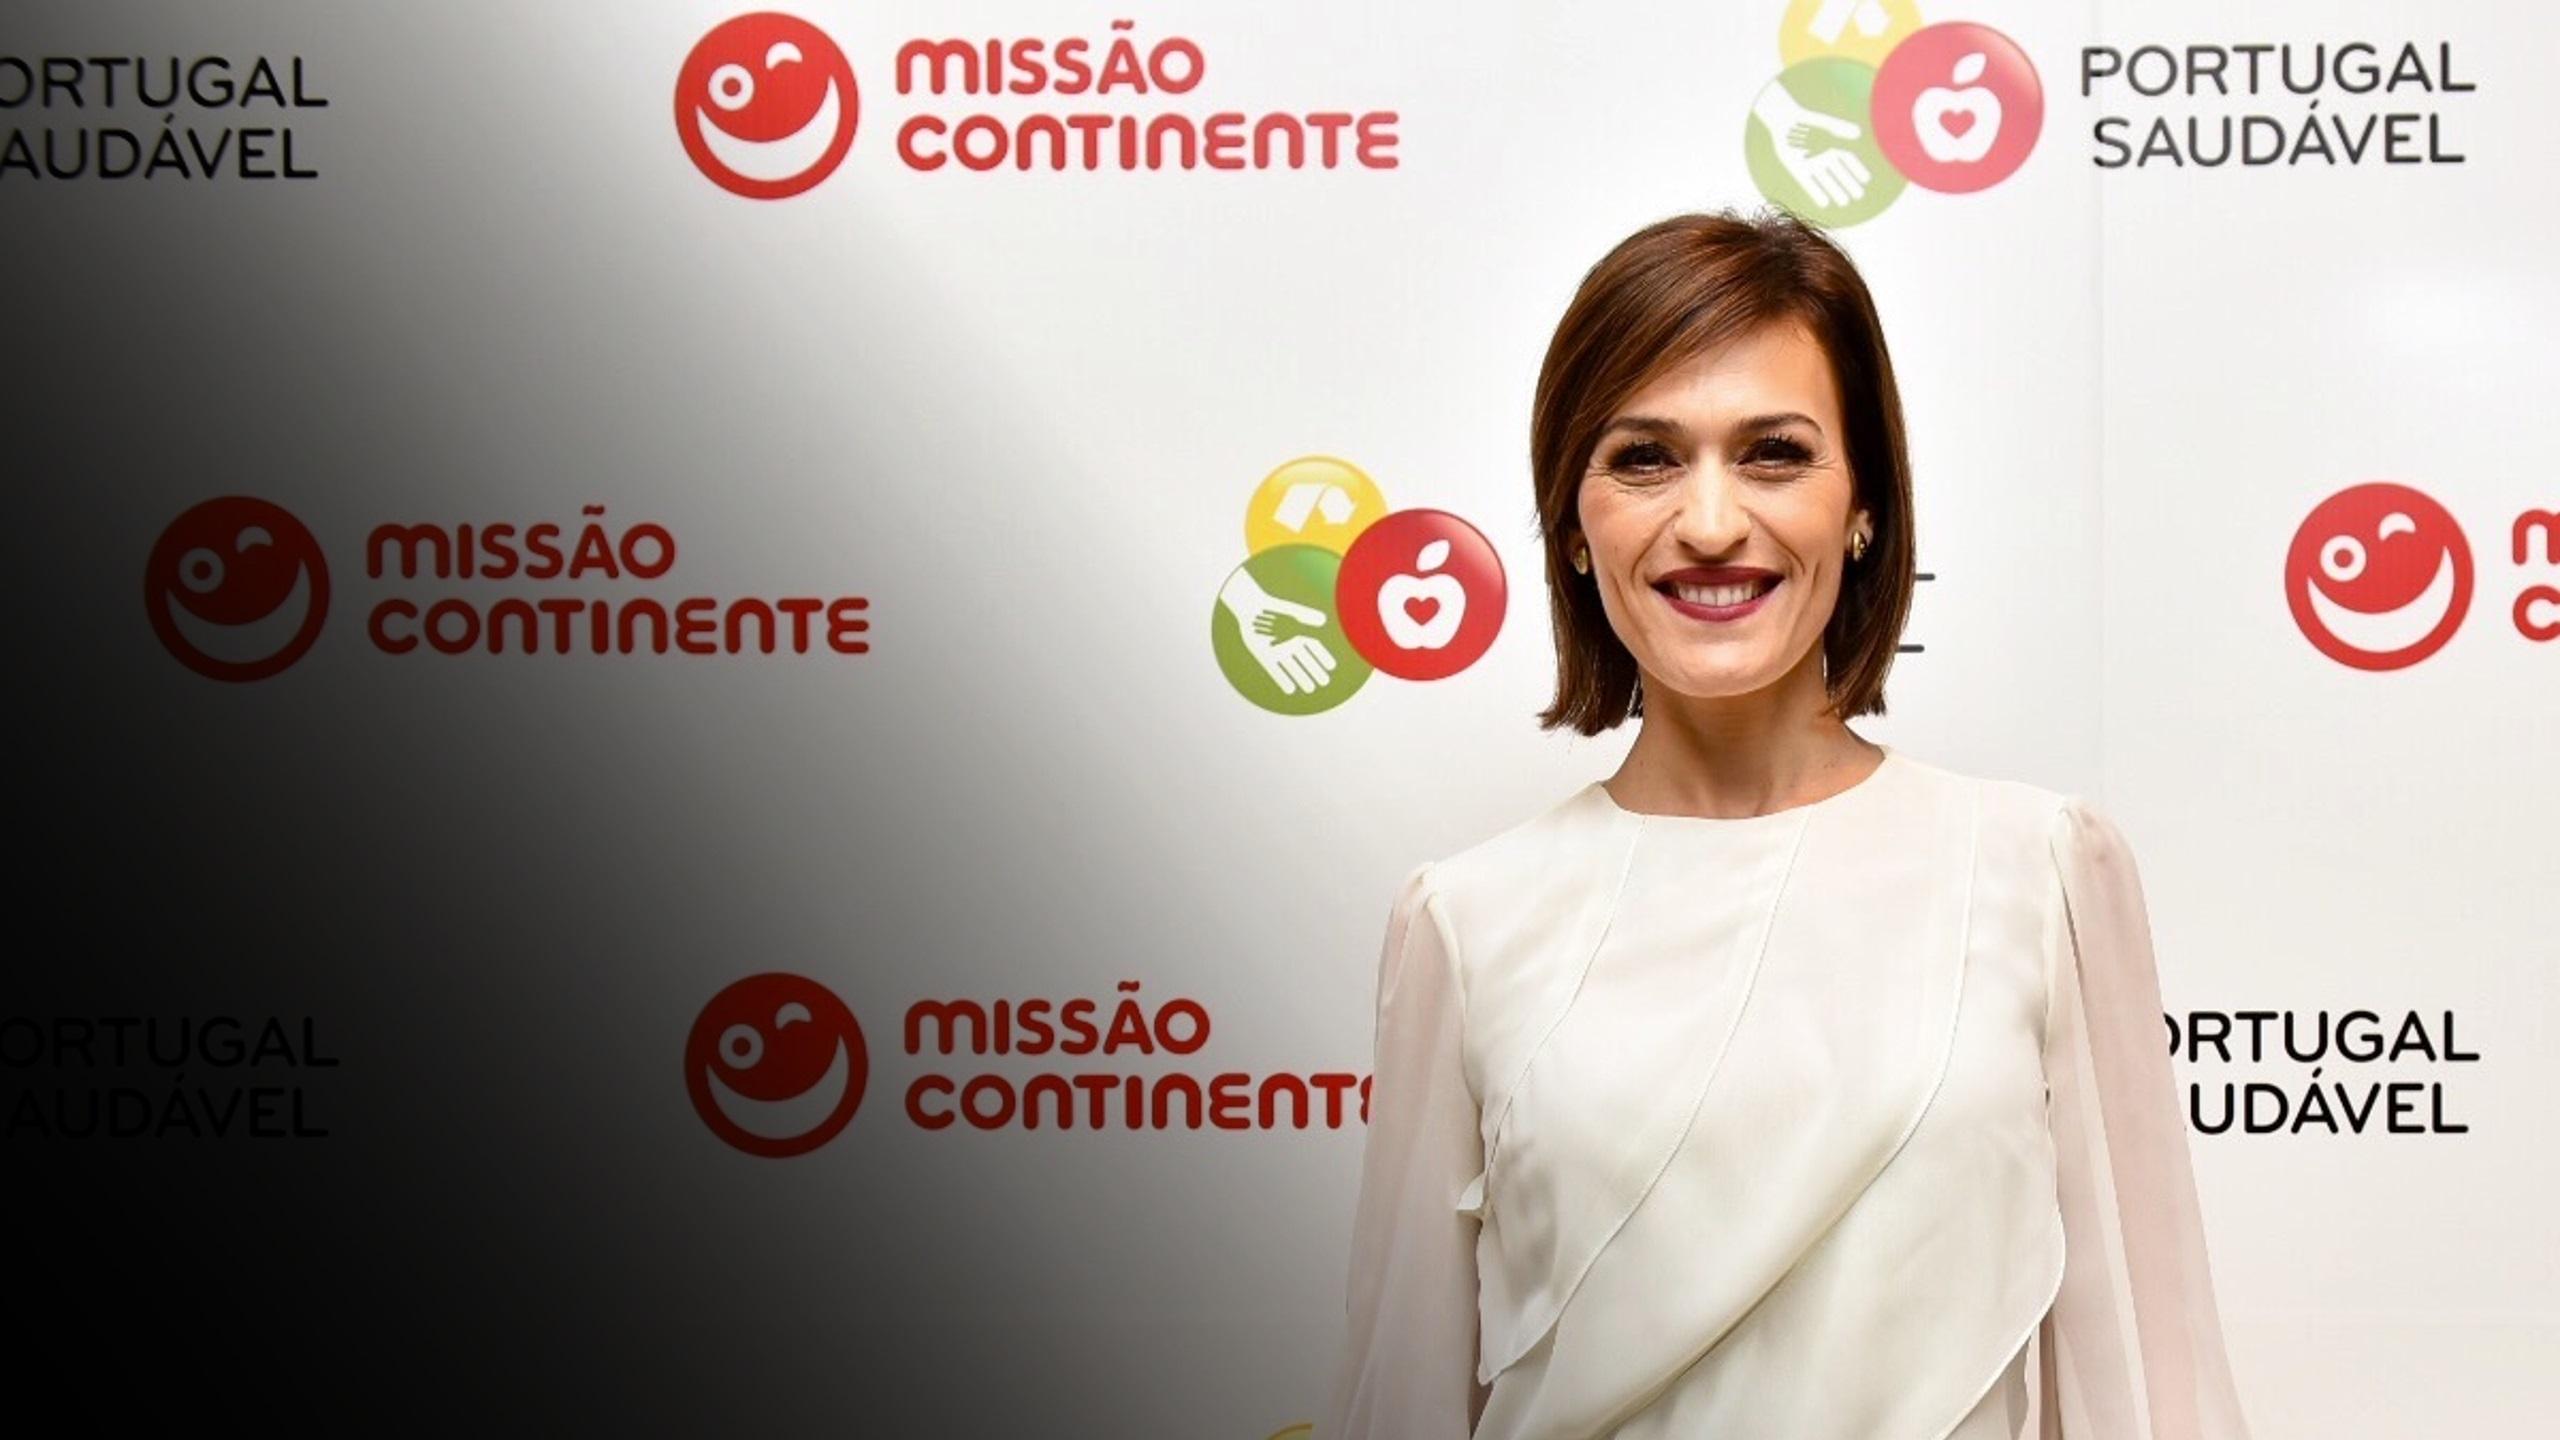 """""""Portugal Saudável"""" – Missão Continente"""